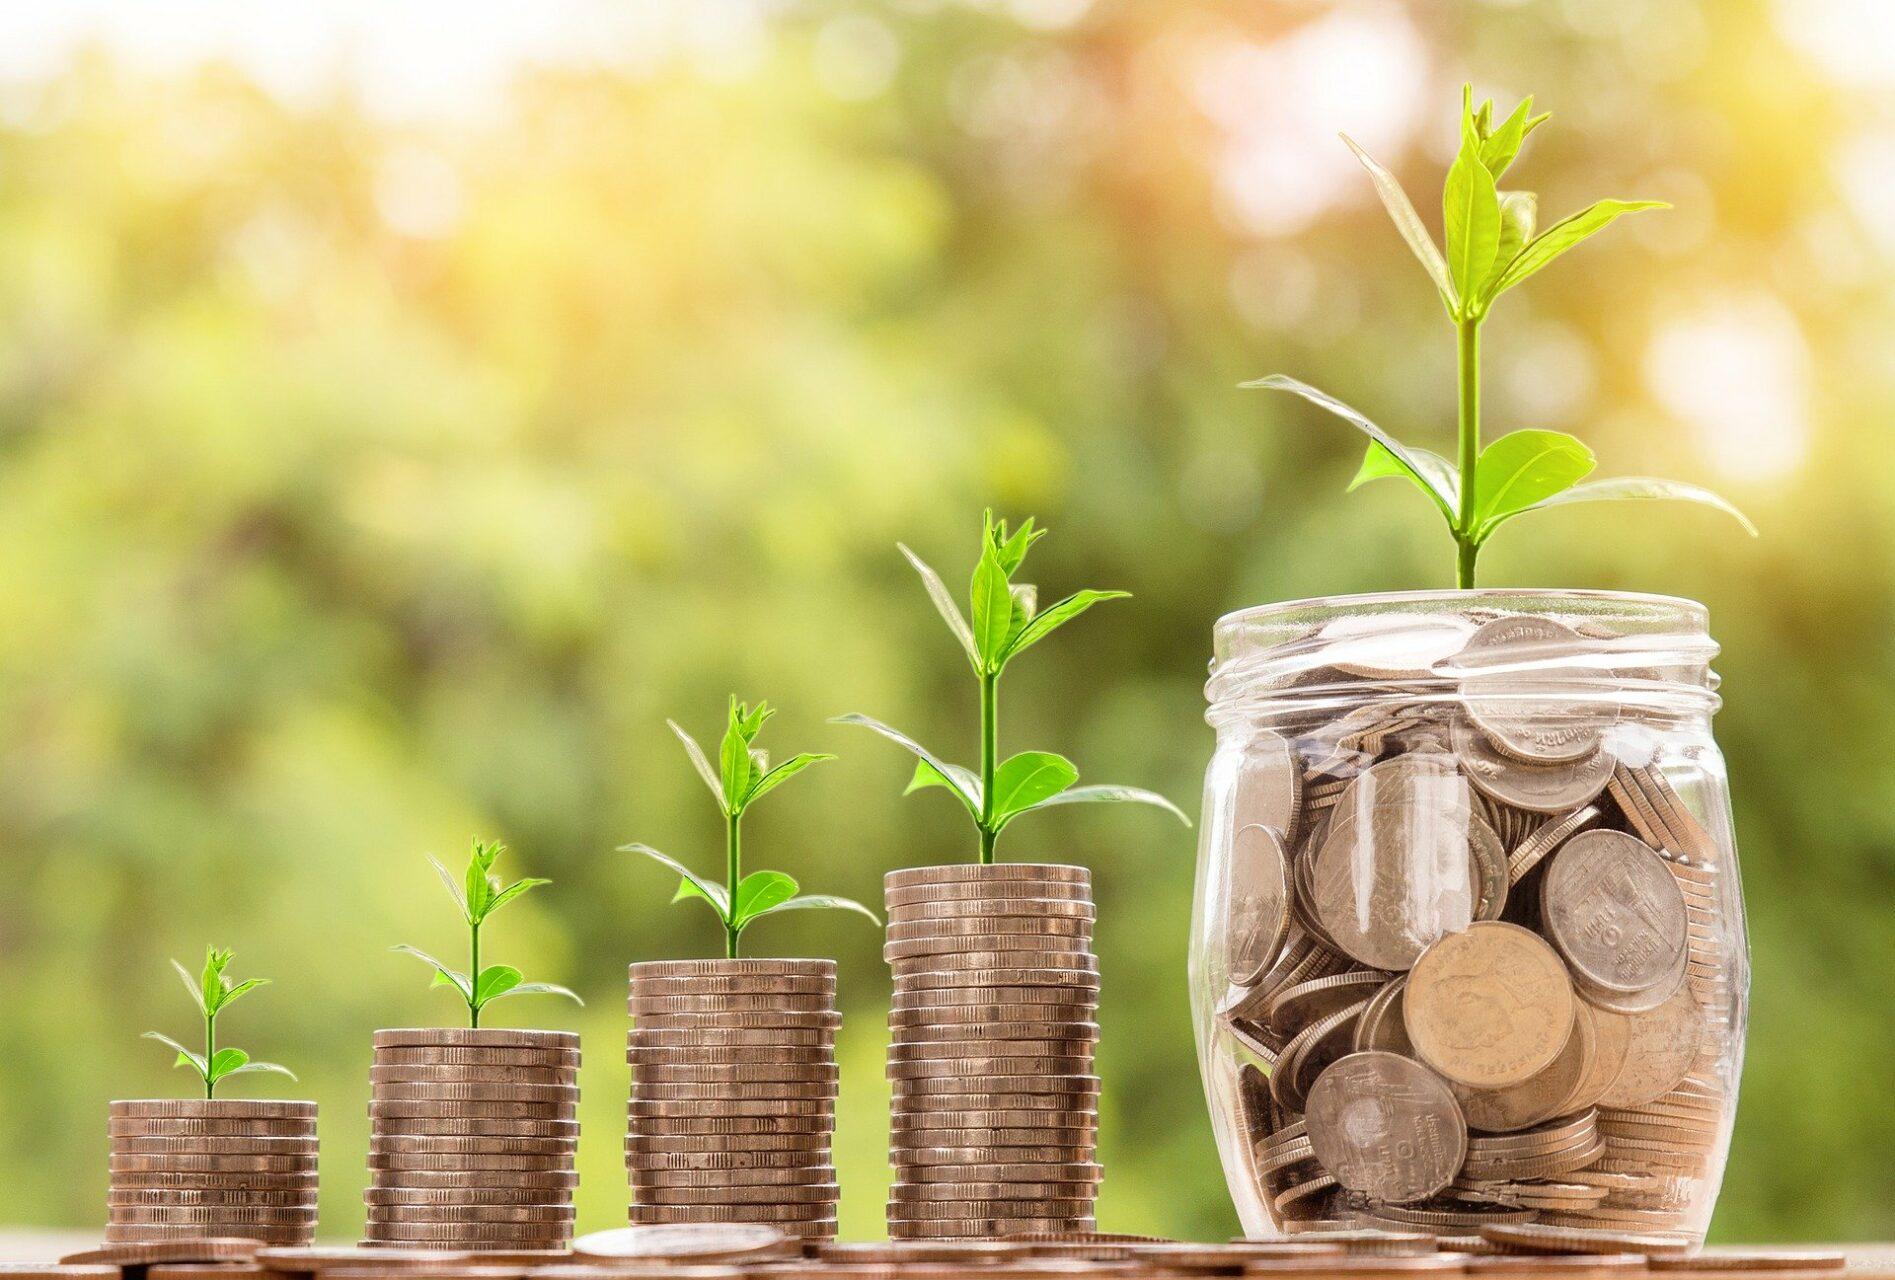 Ecobonus 110%: sconto in fattura e cessione del credito 2020